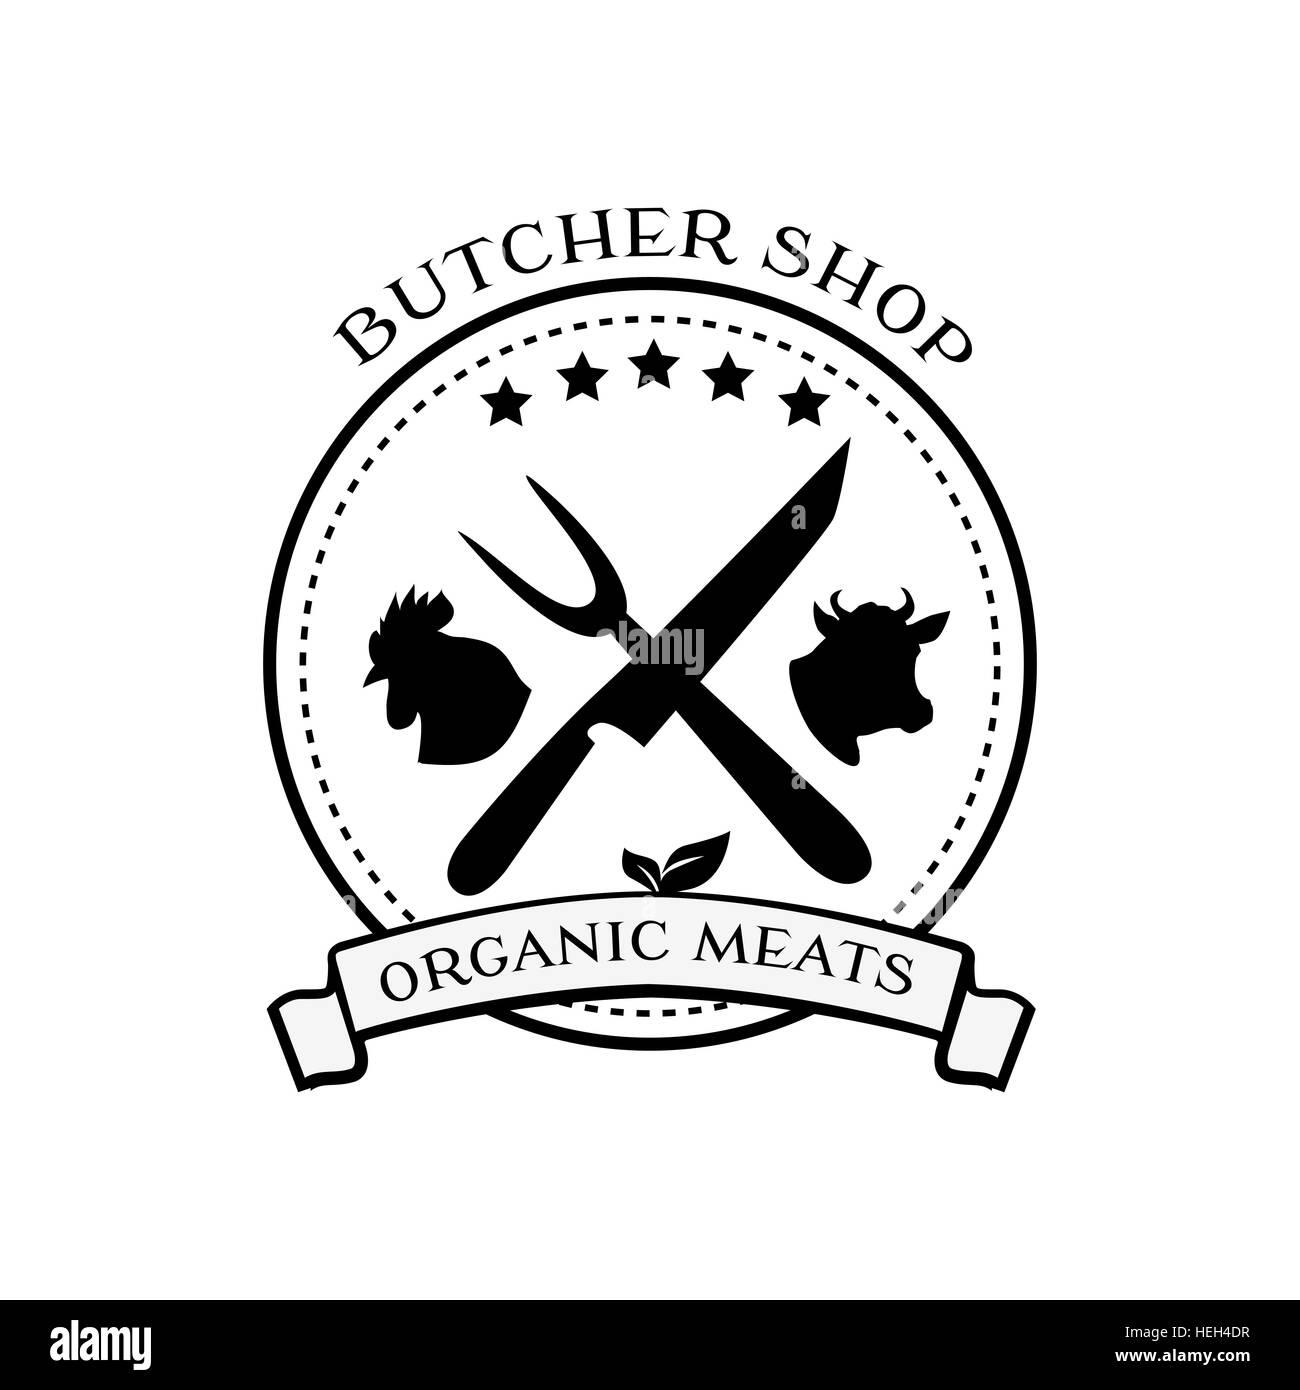 Butcher Shop diseño de logotipos, etiquetas y elementos distintivos en el estilo de época. Logotipo de carnicería, carne plantilla de etiqueta. Idea de logo para Ilustración del Vector